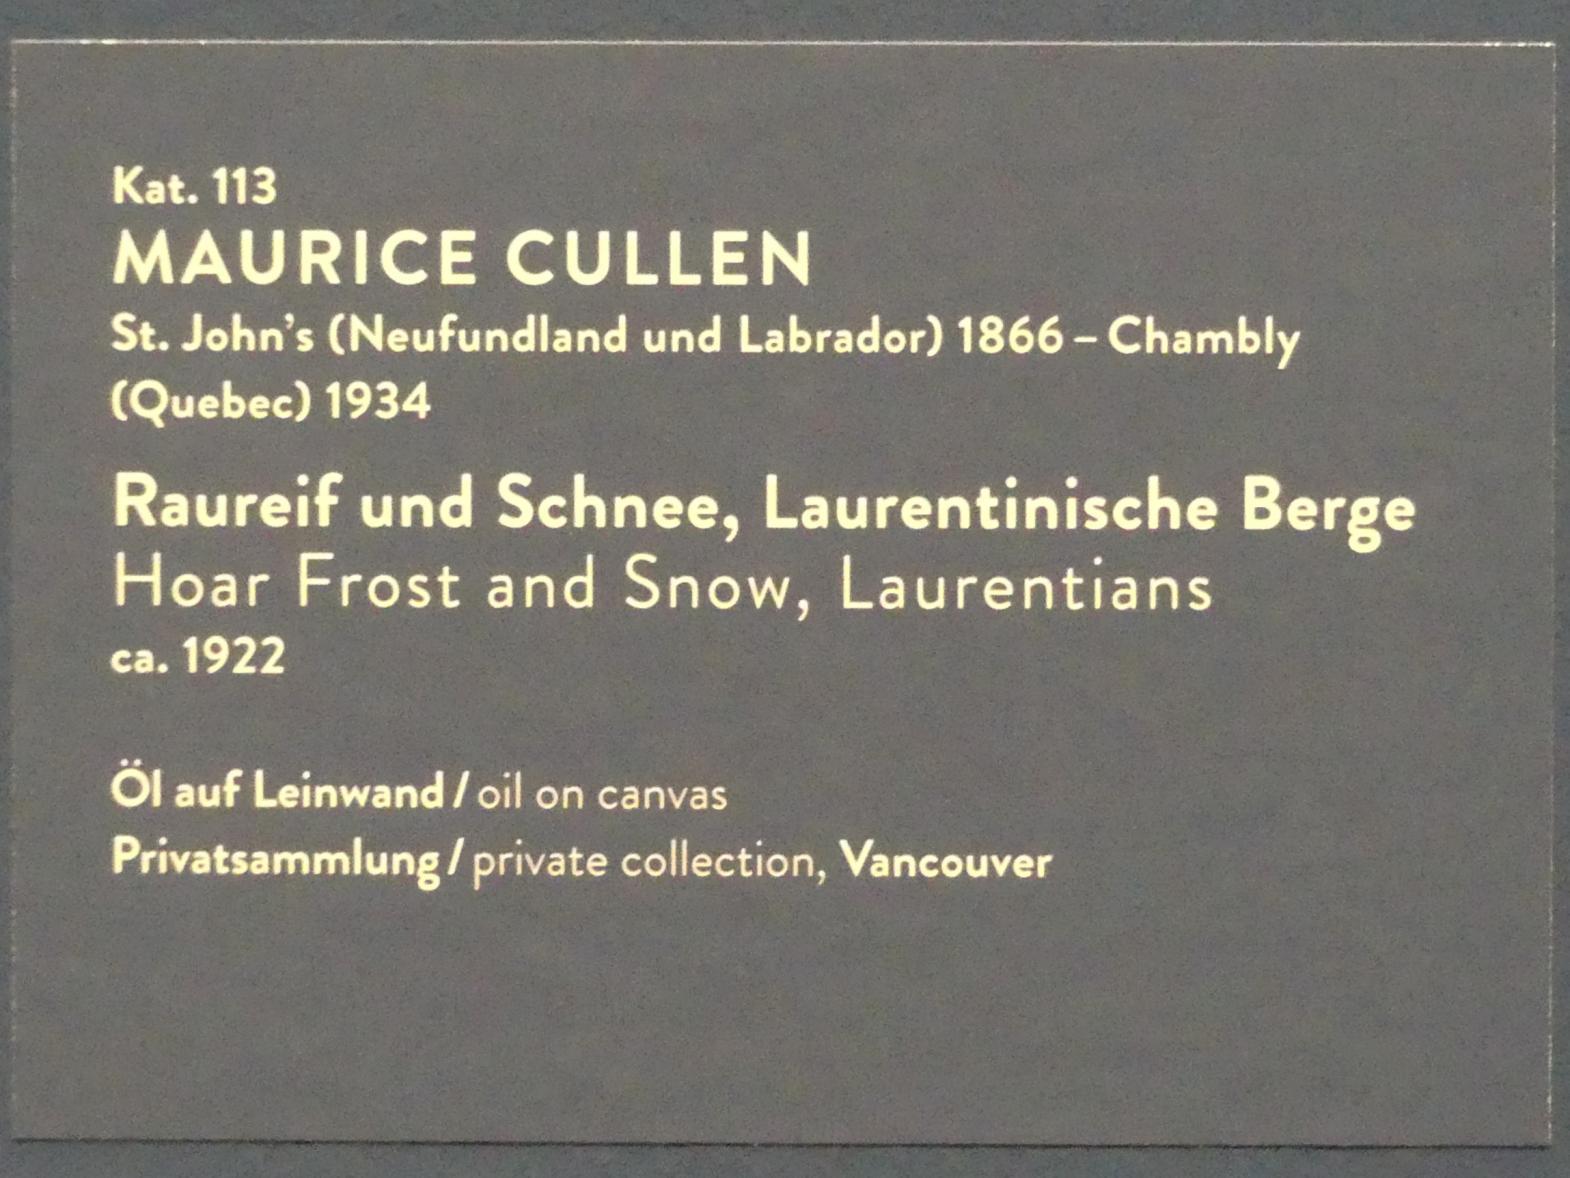 Maurice Galbraith Cullen: Raureif und Schnee, Laurentinische Berge, um 1922, Bild 2/2